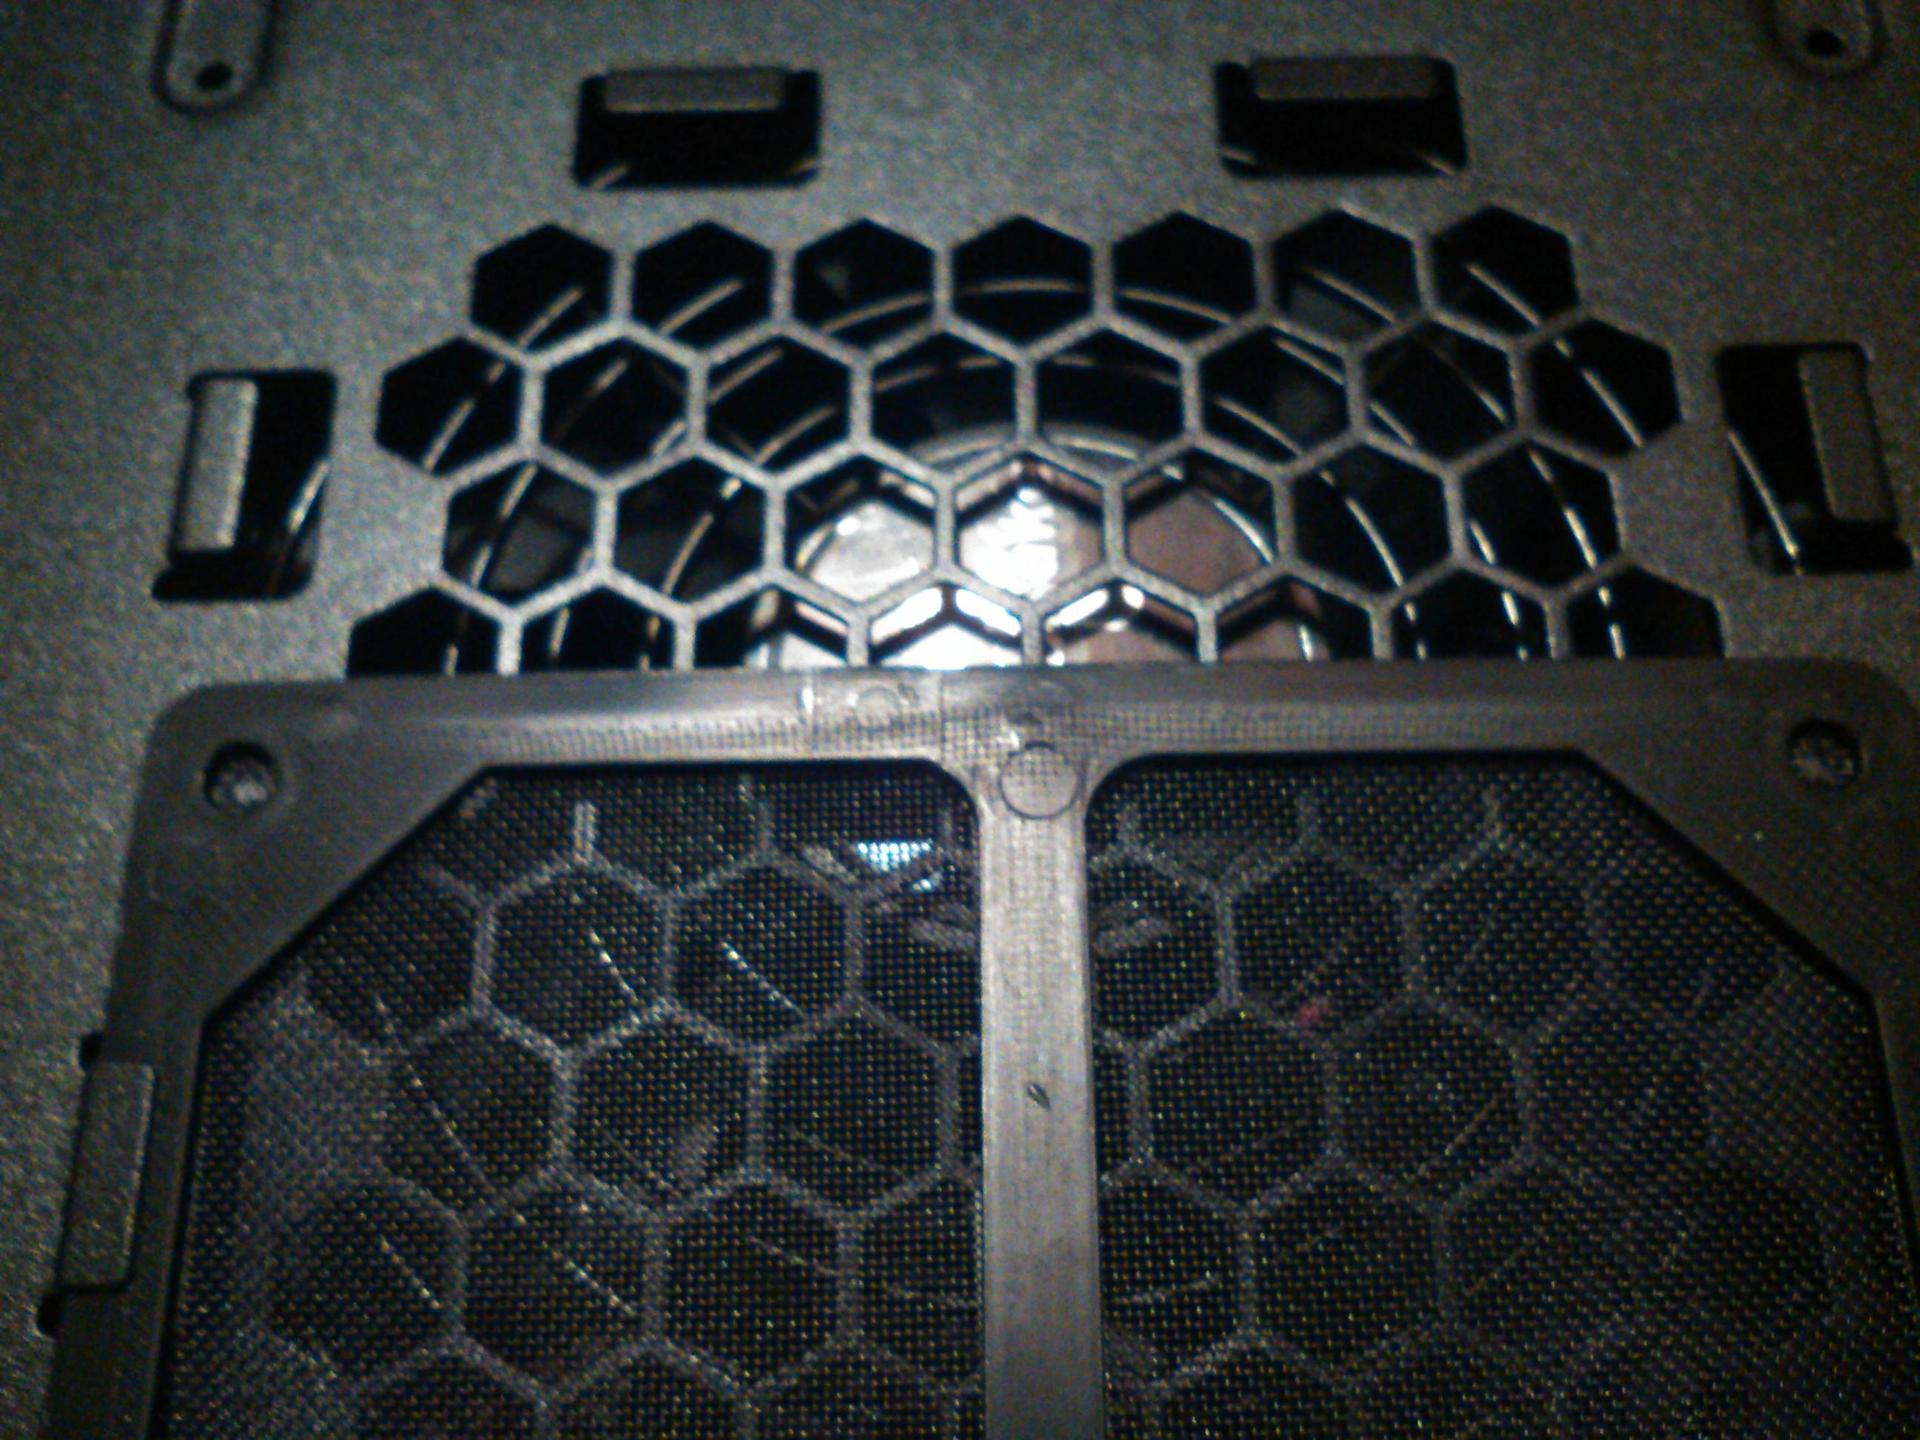 Черный ящик для дома: собираем NAS своими руками, часть 1 - 3